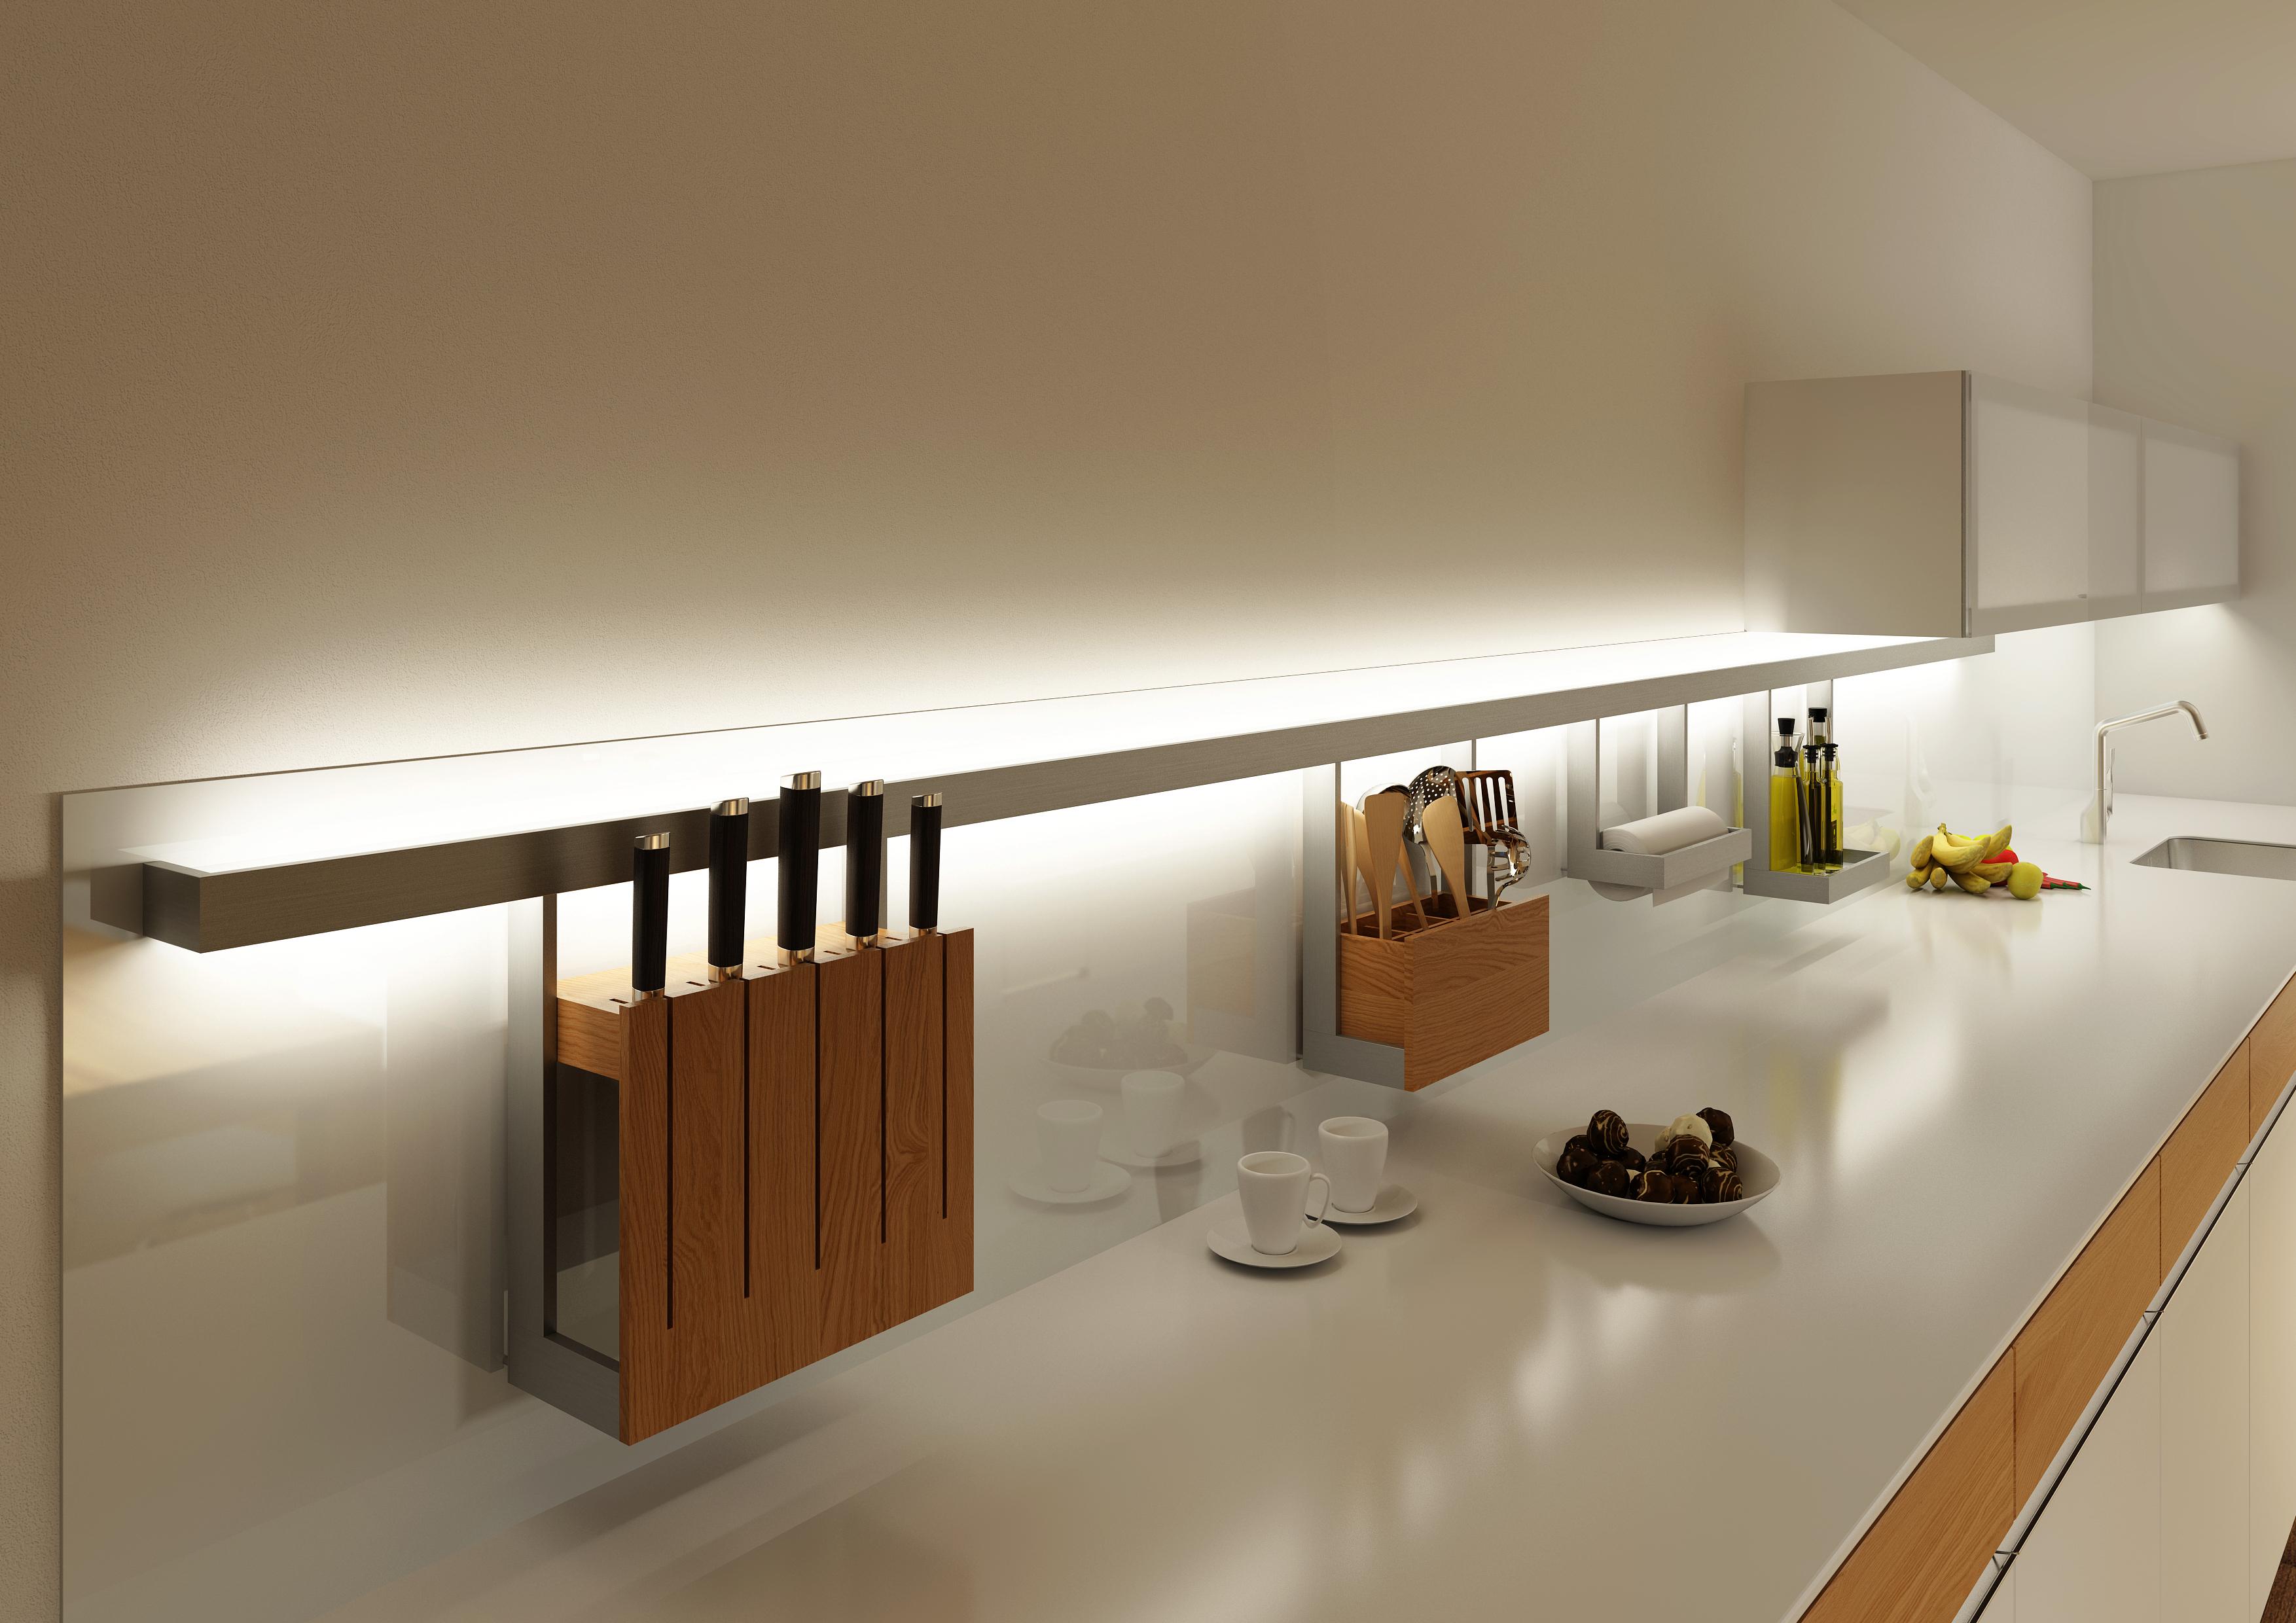 presse | gera - leuchten und lichtsysteme